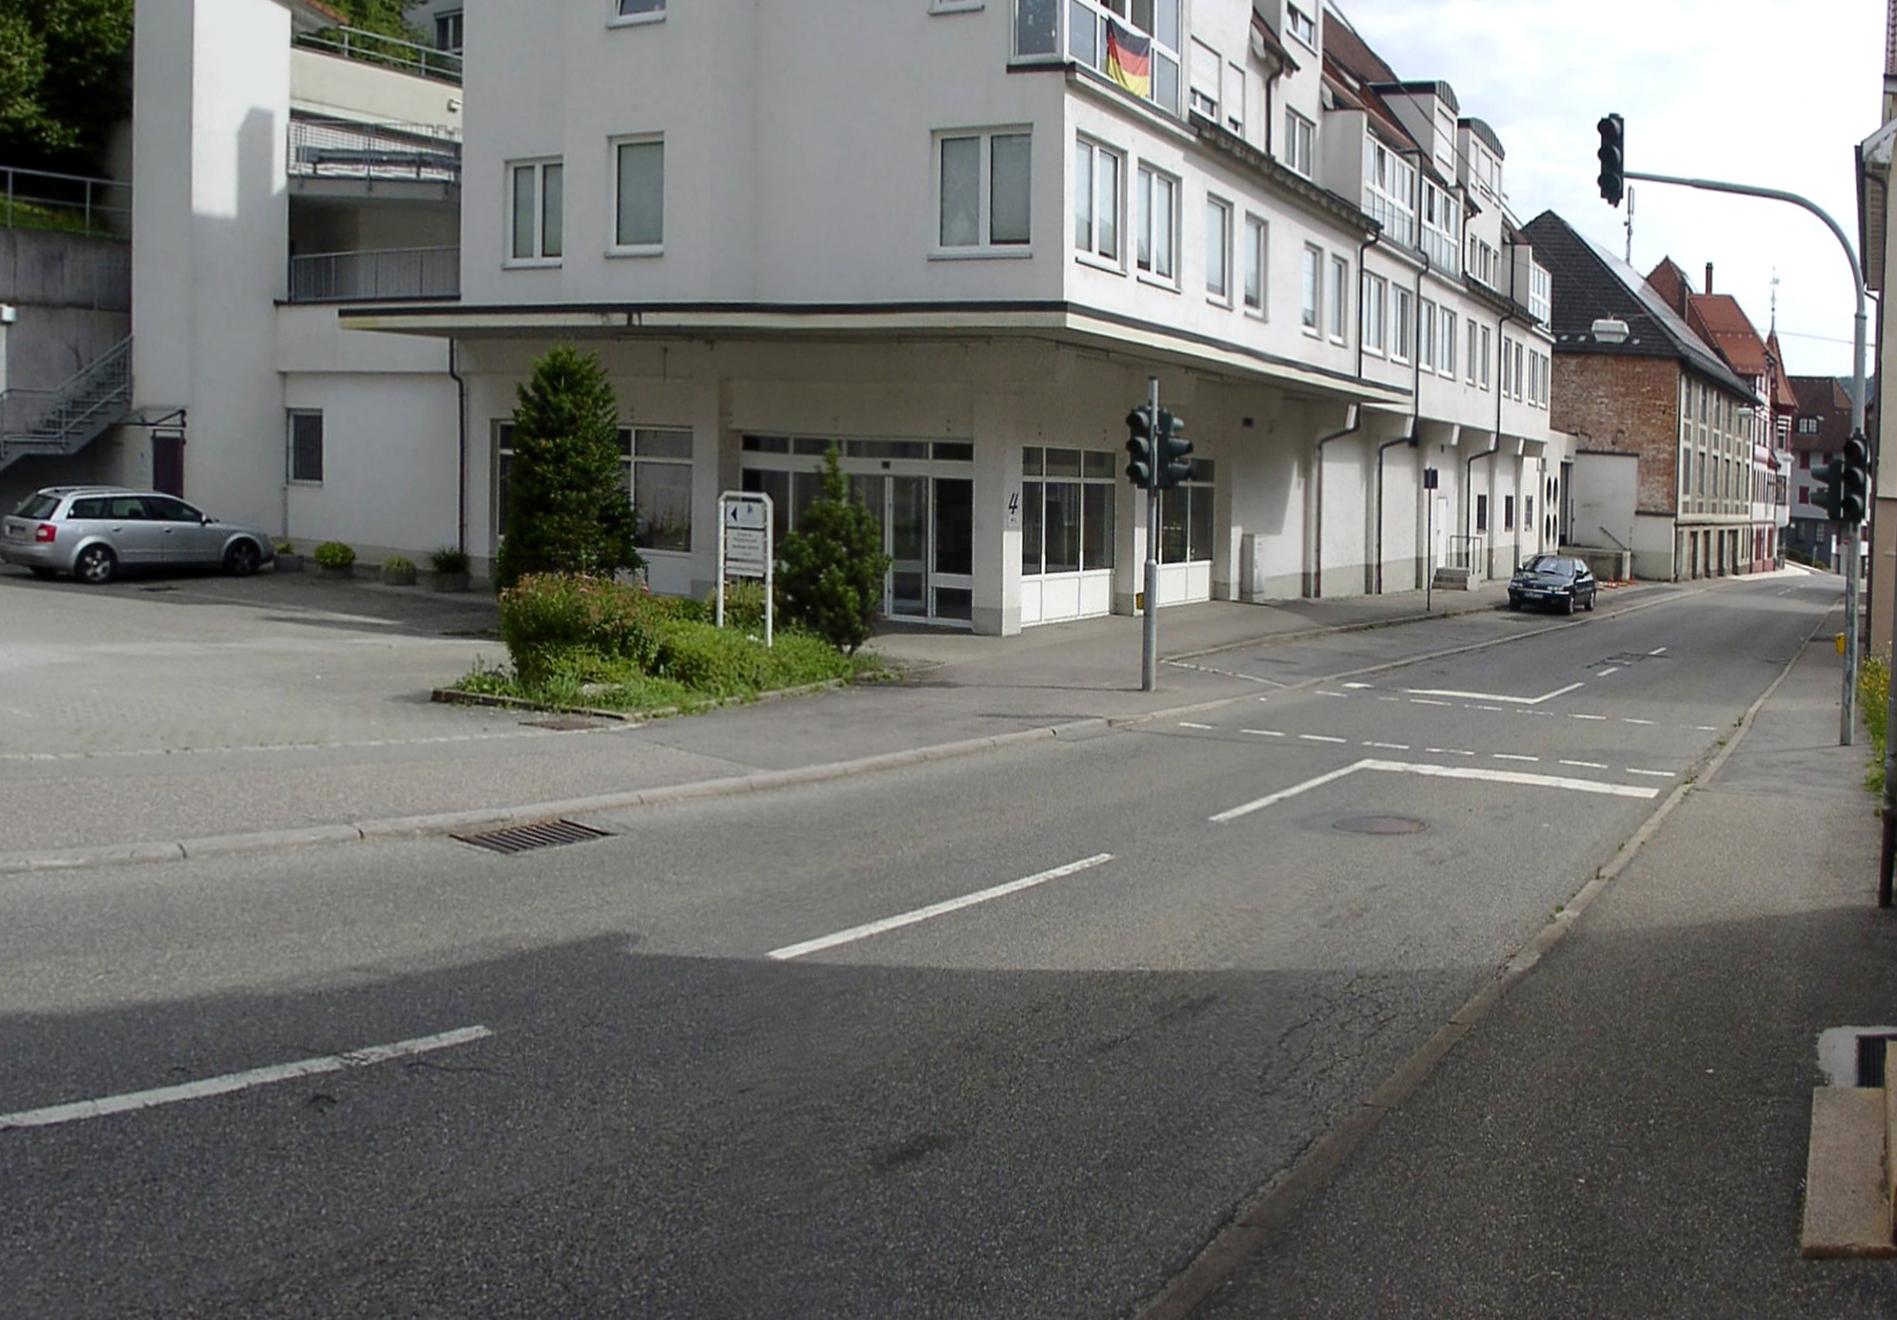 Lindenstraße 4